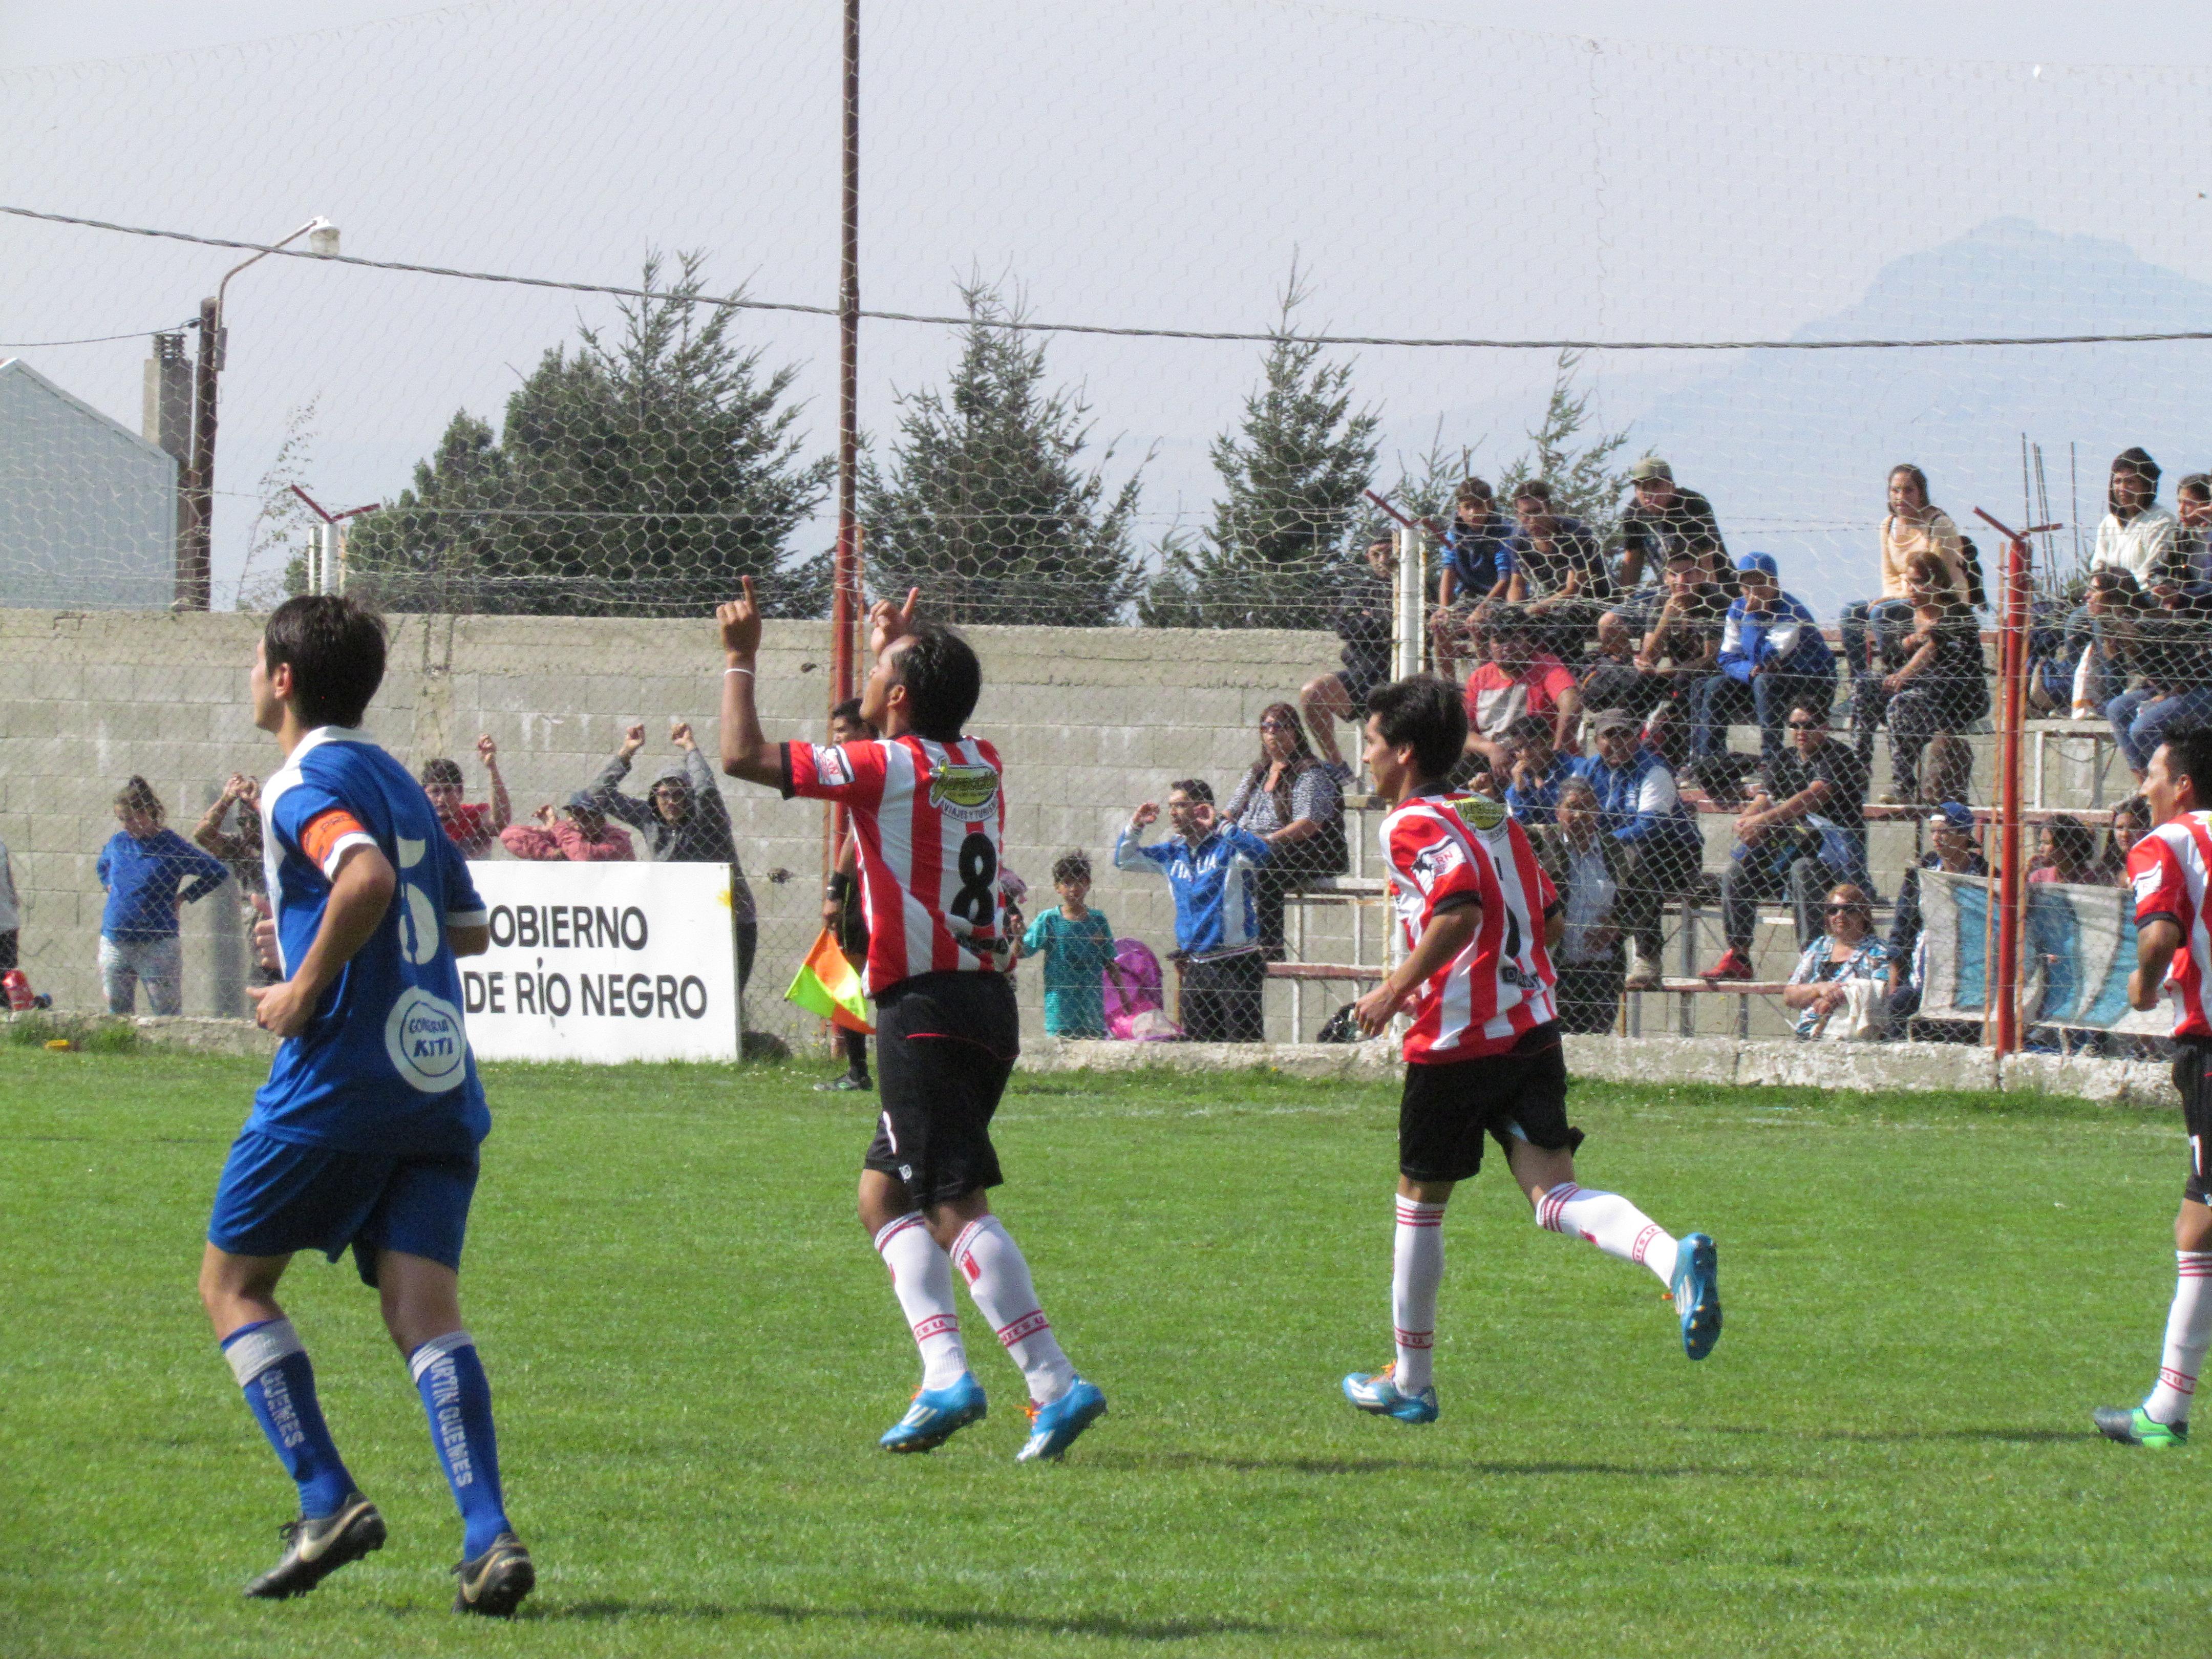 Marcelo Sisto es jugador del equipo Estudiantes Unidos de Bariloche y nos cuenta cómo ser lo más profesional dentro de una Liga 100% amateur